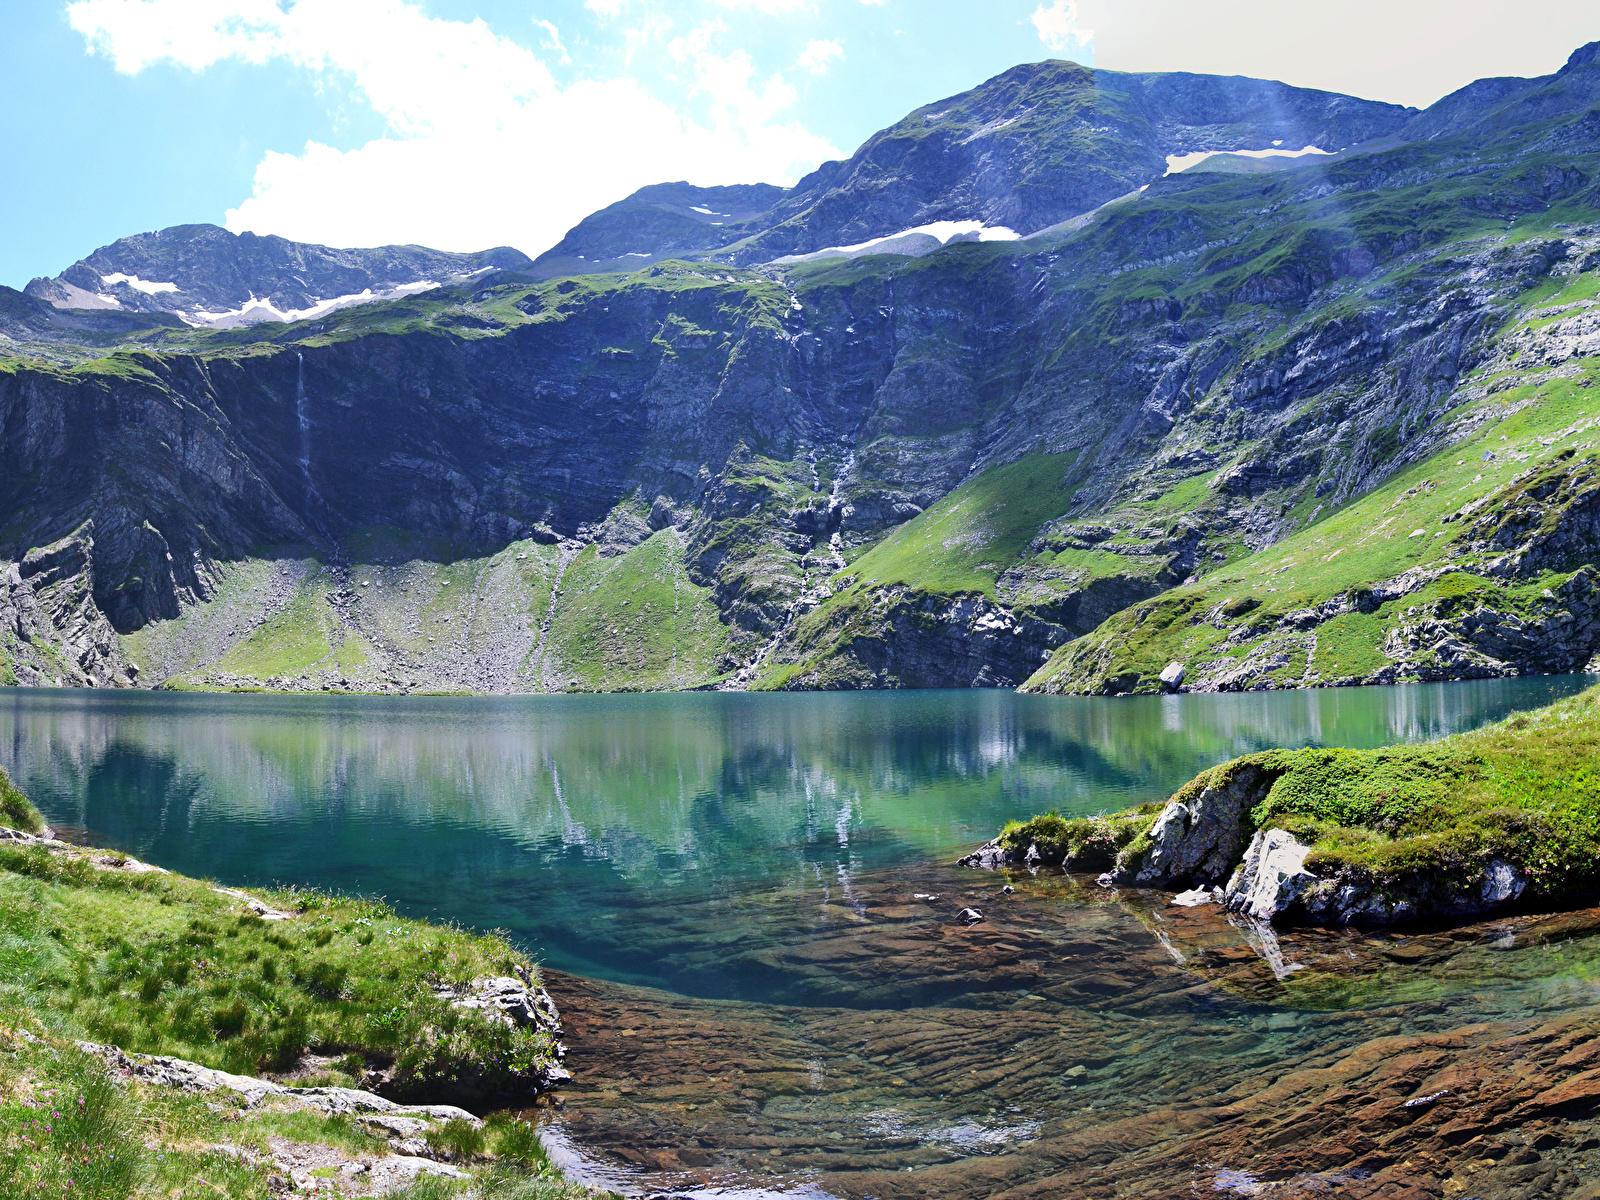 Картинка альп Италия Val Gardena гора Природа Озеро мха 1600x1200 Альпы Горы Мох мхом